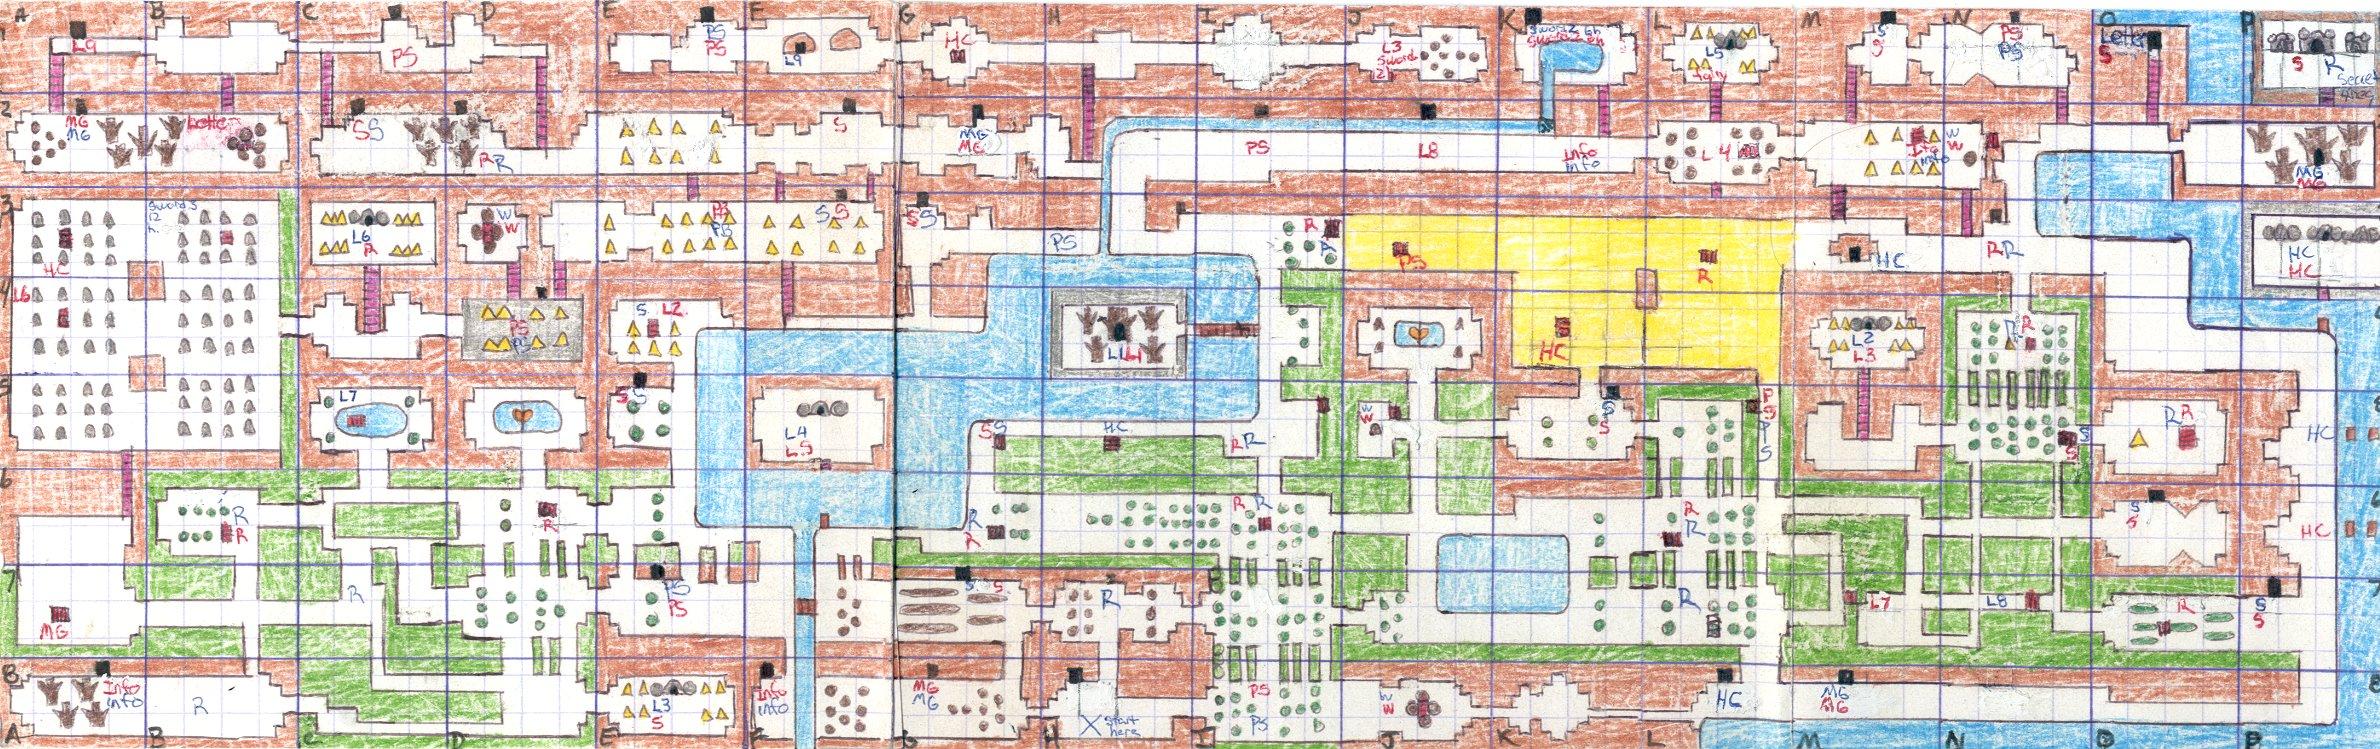 Zelda Map Wallpaper - WallpaperSafari